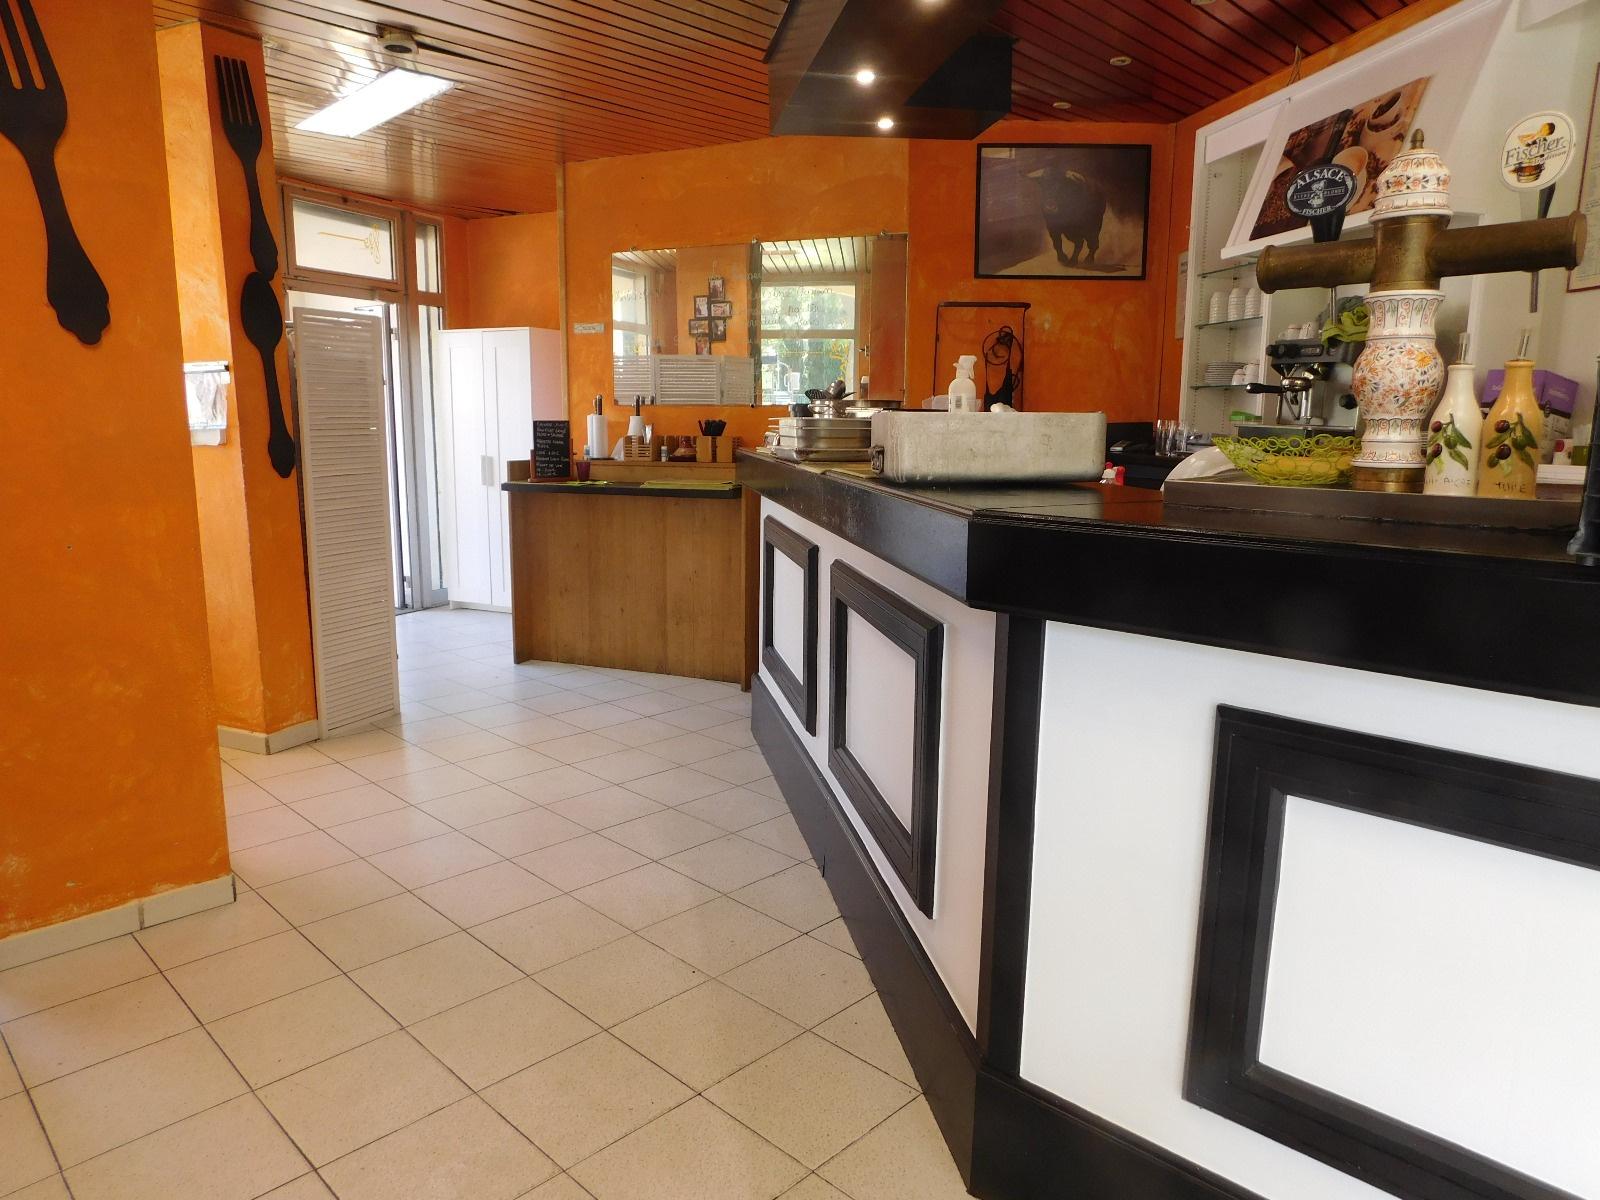 Vente Immobilier Professionnel Fonds de commerce Montpellier (34000)